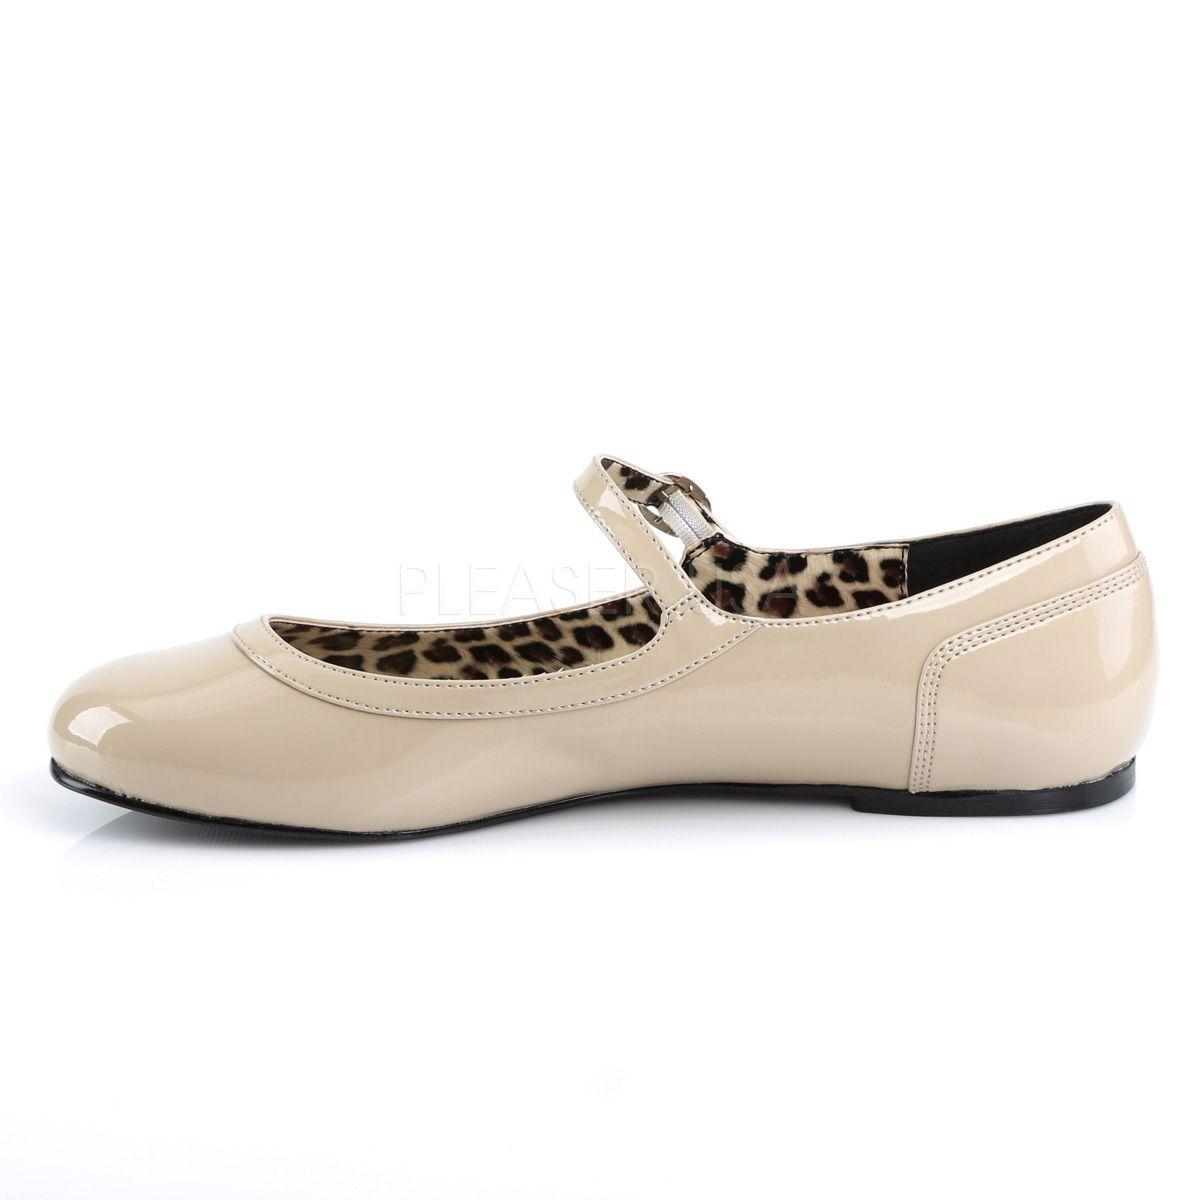 f16a1a95 Merceditas zapatos bajos de charol con correa tallas grandes 40 a 48